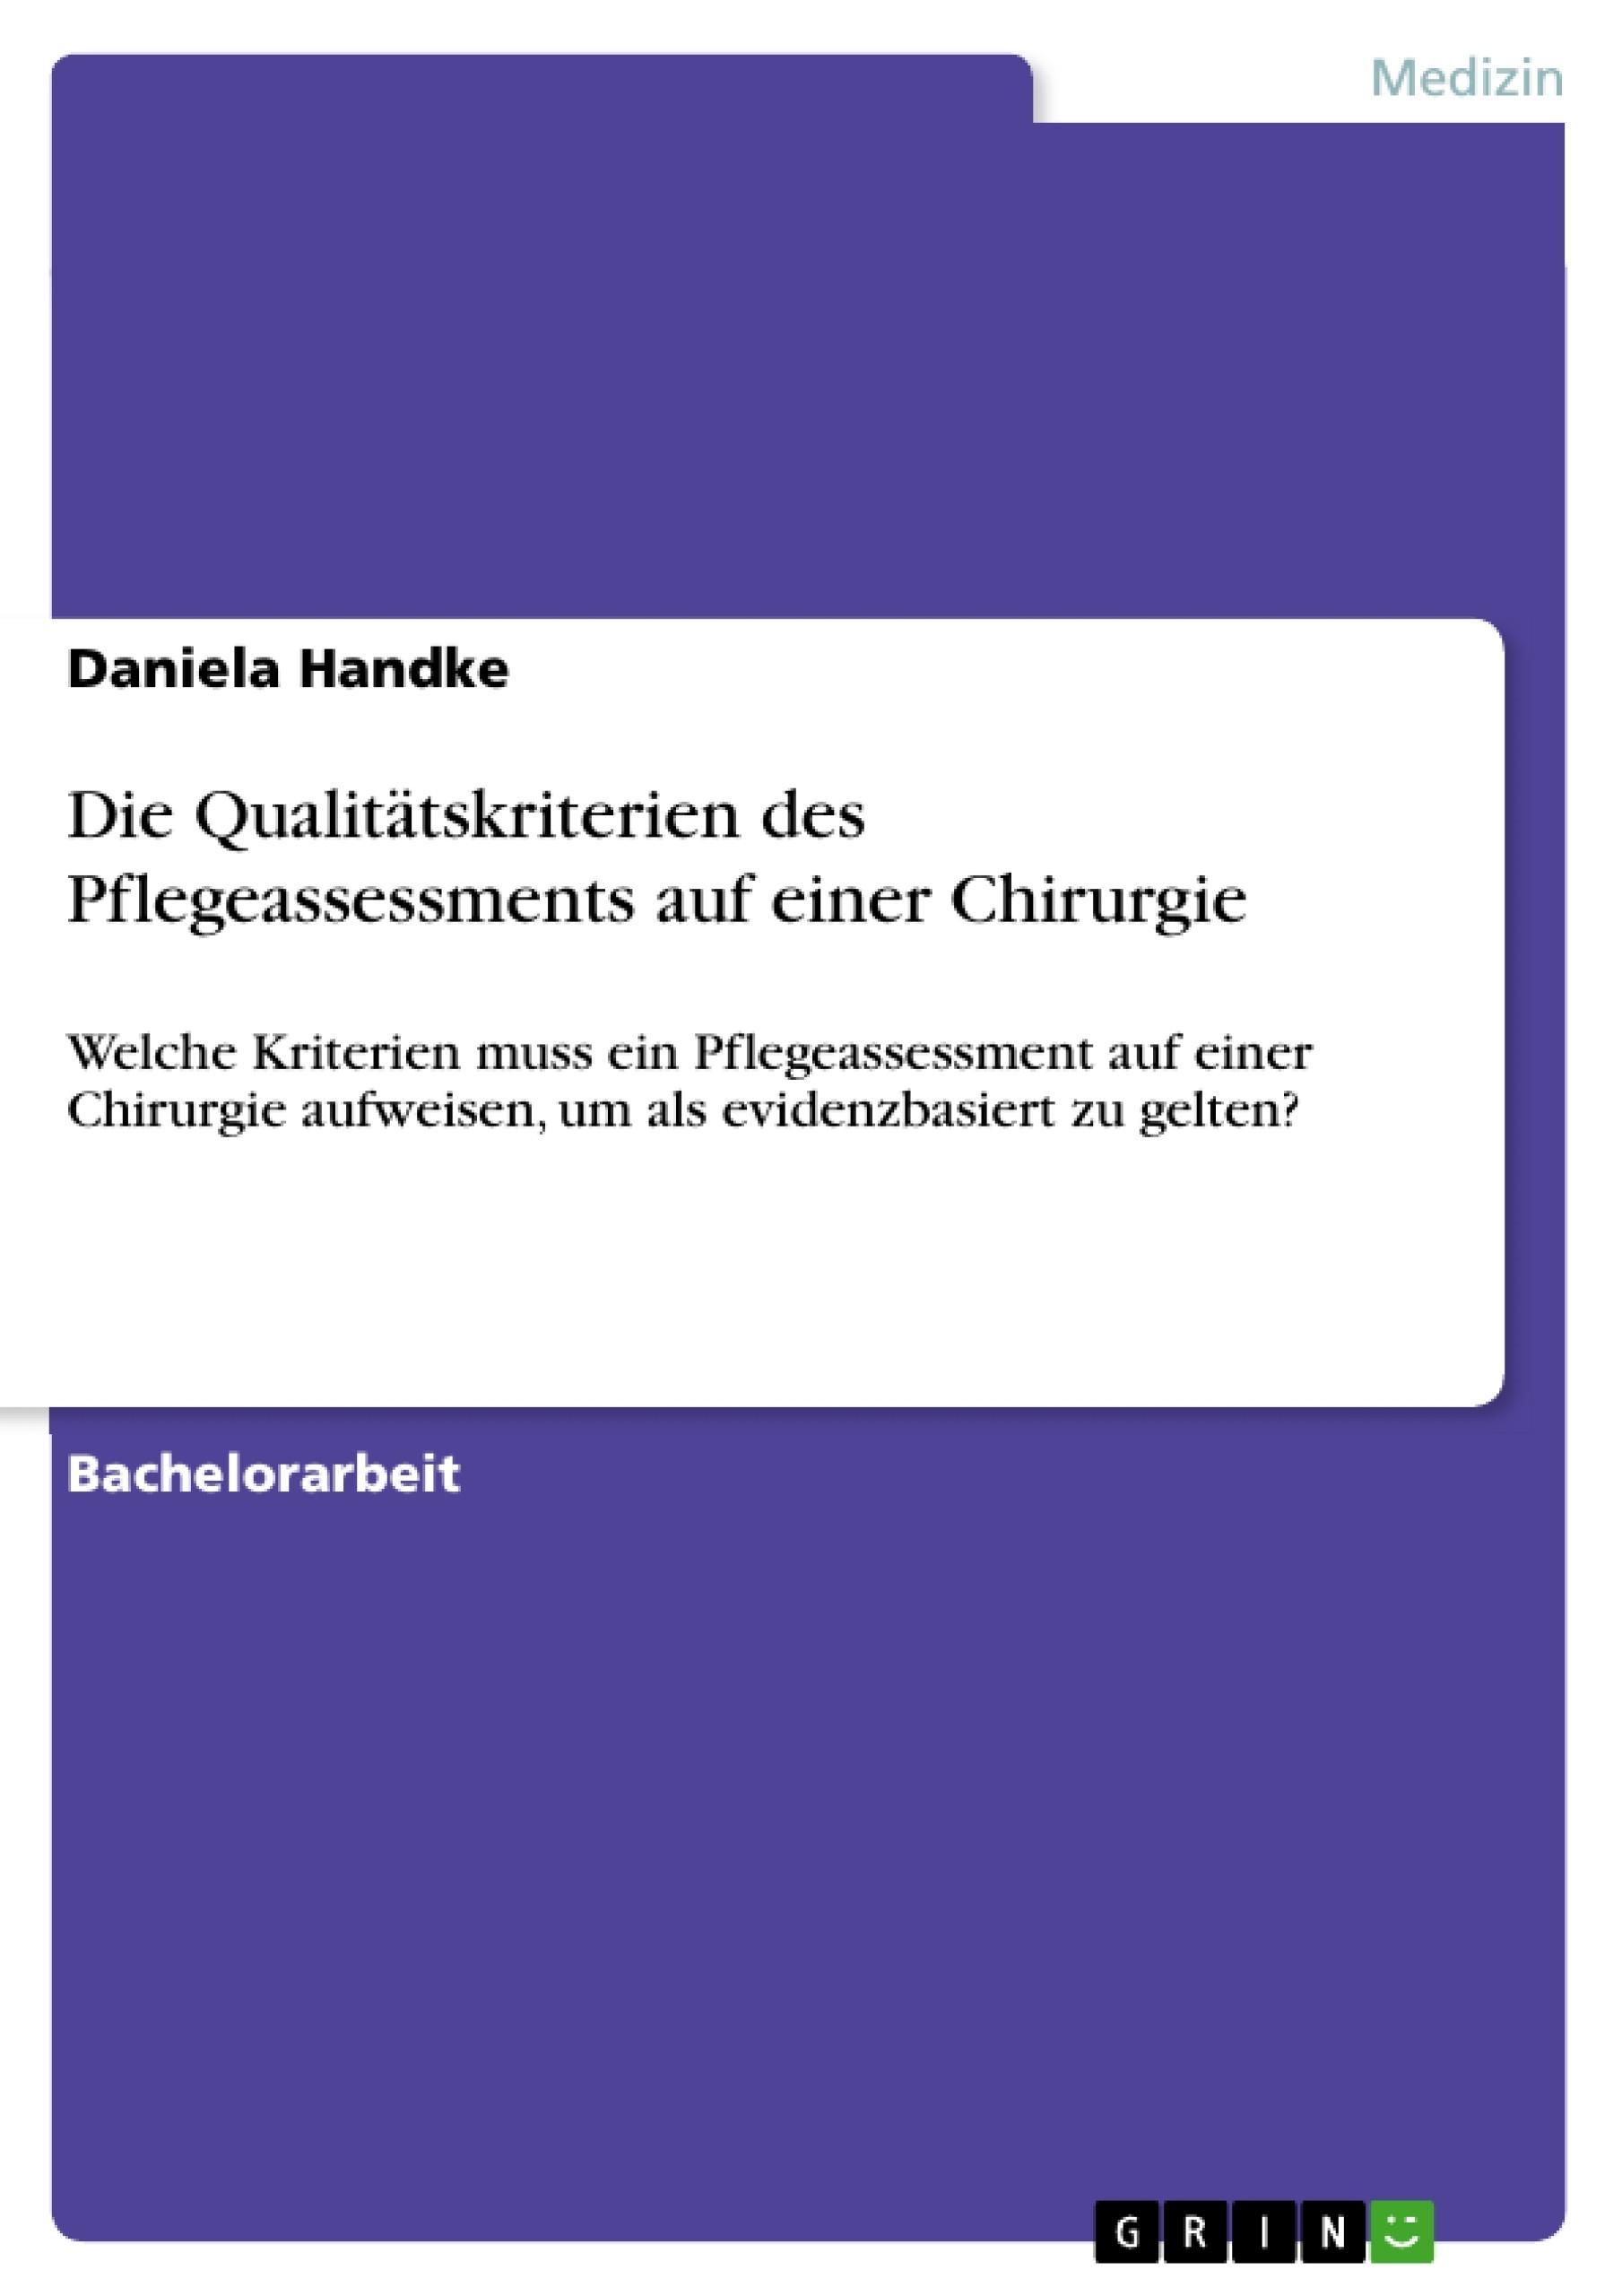 Titel: Die Qualitätskriterien des Pflegeassessments auf einer Chirurgie